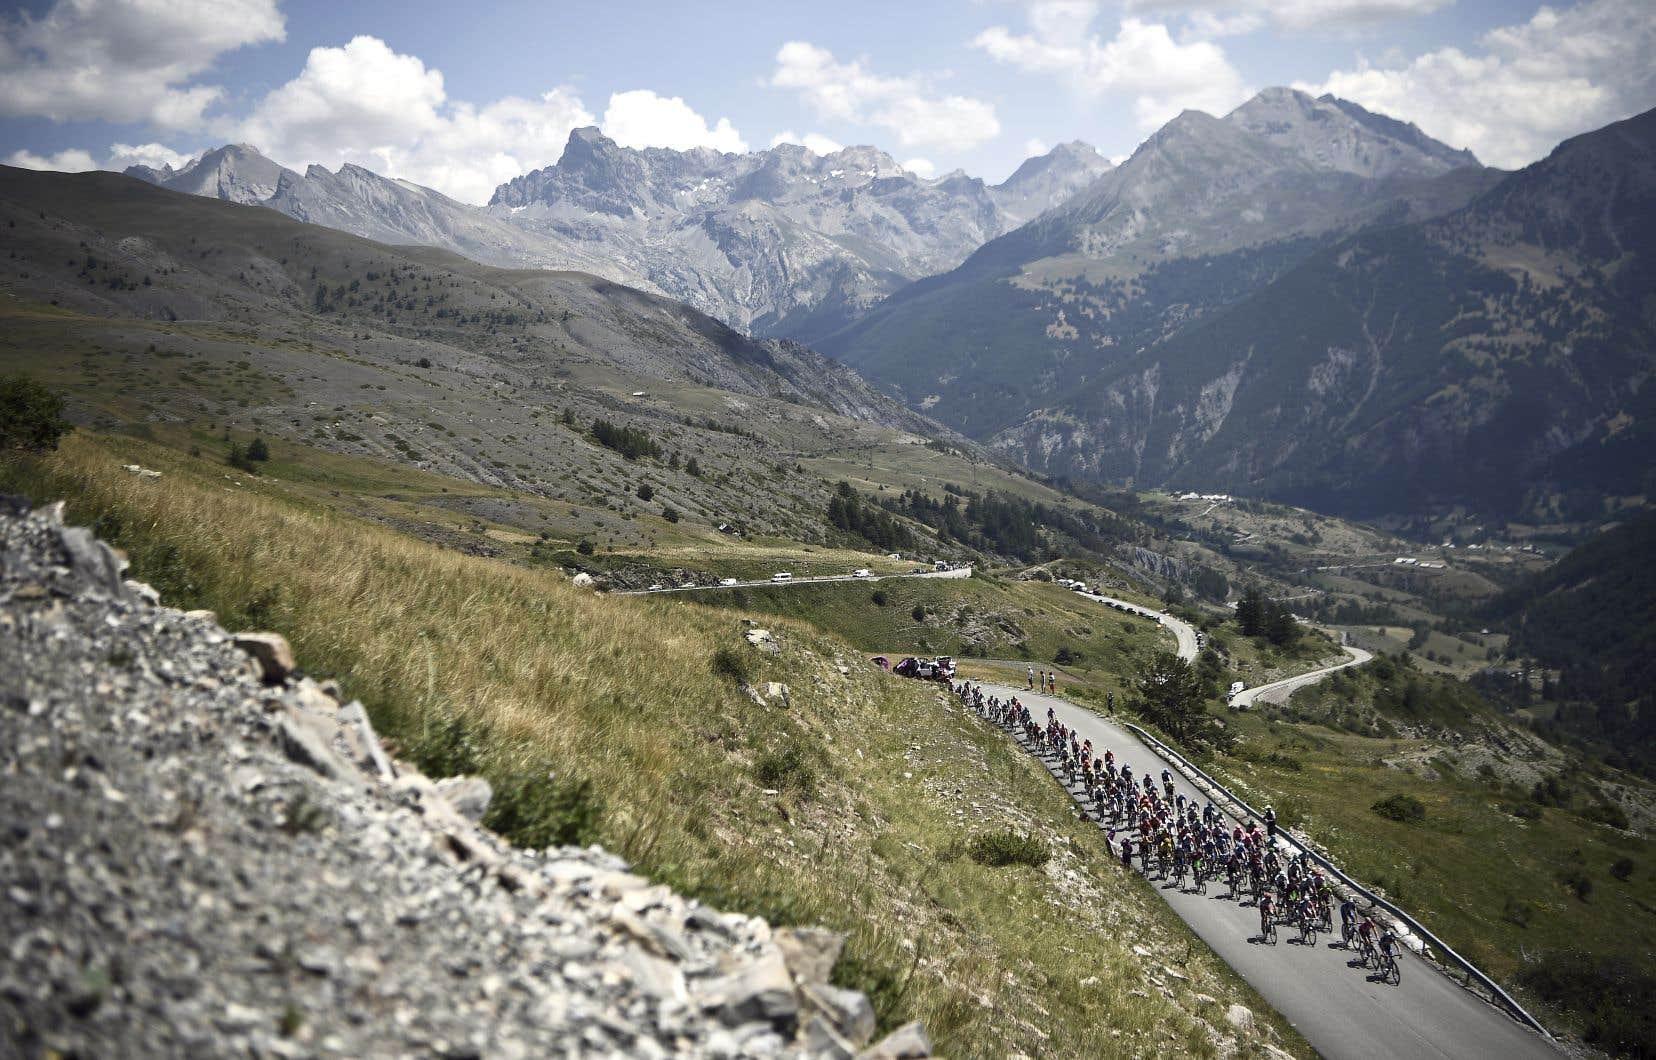 Le peloton, sur la route entre les communes d'Embrun et de Valloire, en Savoie